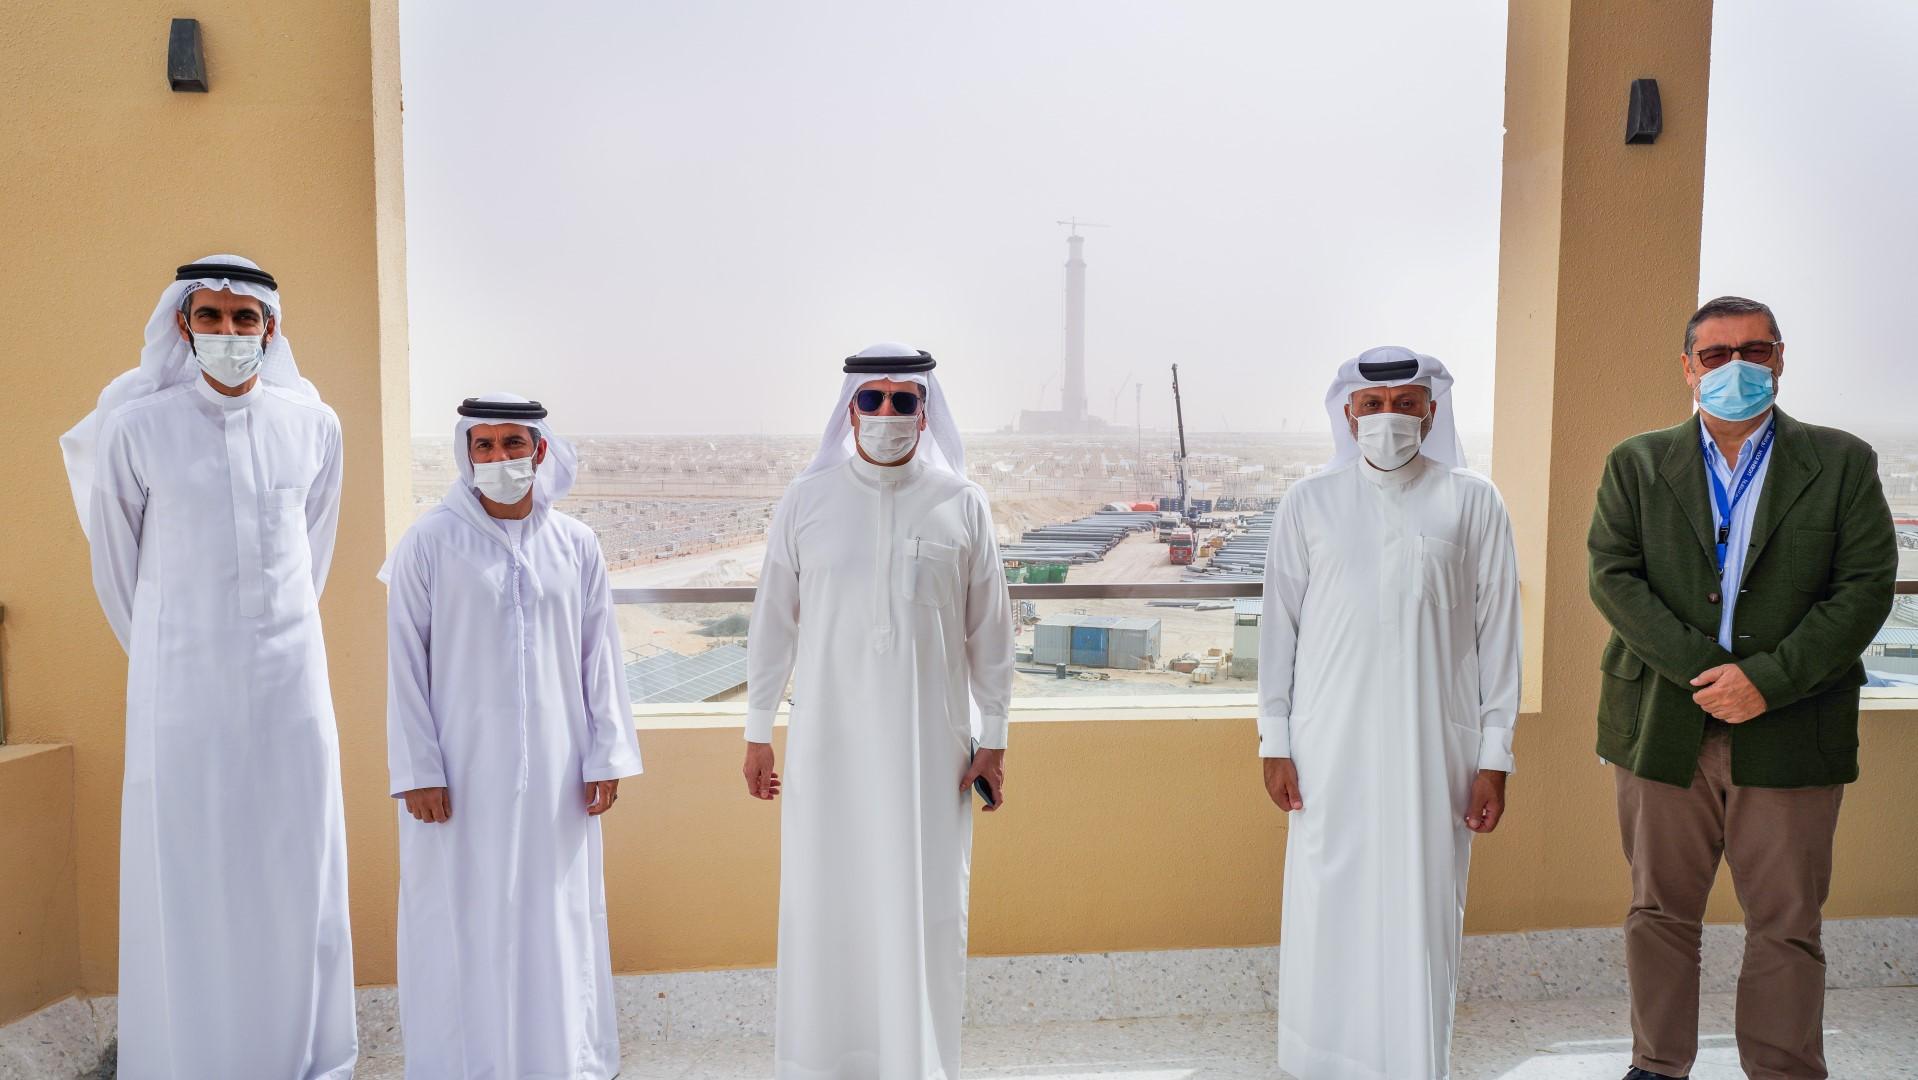 سعيد الطاير يتفقد سير العمل في المرحلة الرابعة من مجمع محمد بن راشد آل مكتوم للطاقة الشمسية